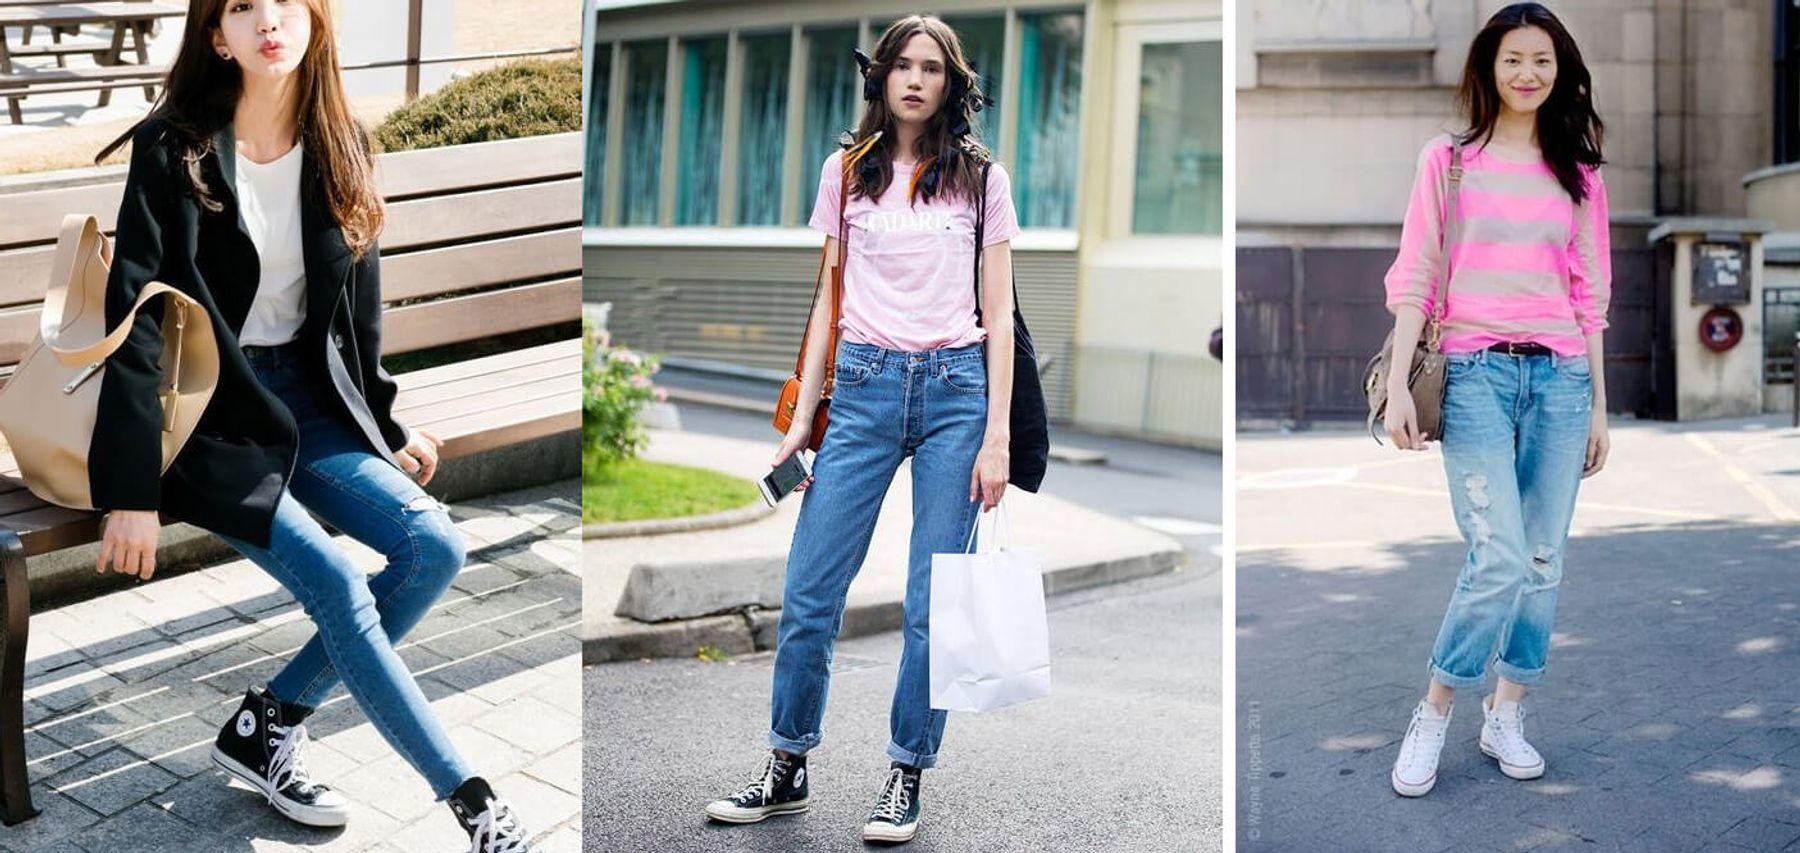 Giày converse cổ cao với áo thun và quần jeans nữ